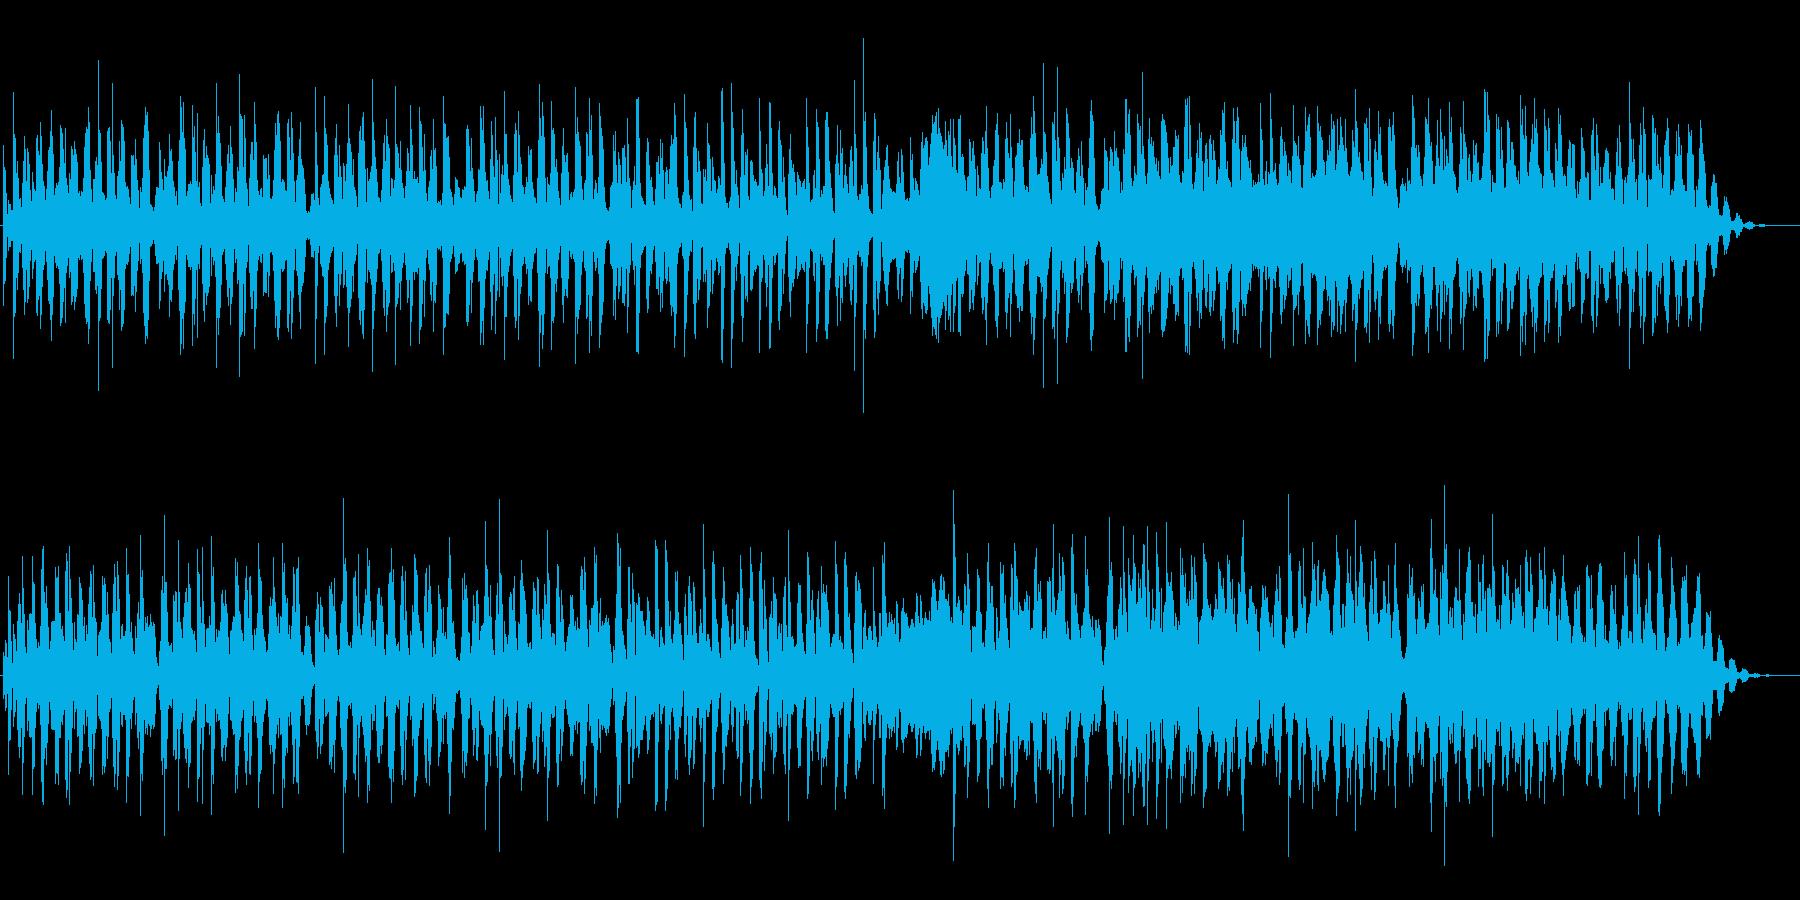 オルゴールとストリングのシンプルな曲の再生済みの波形